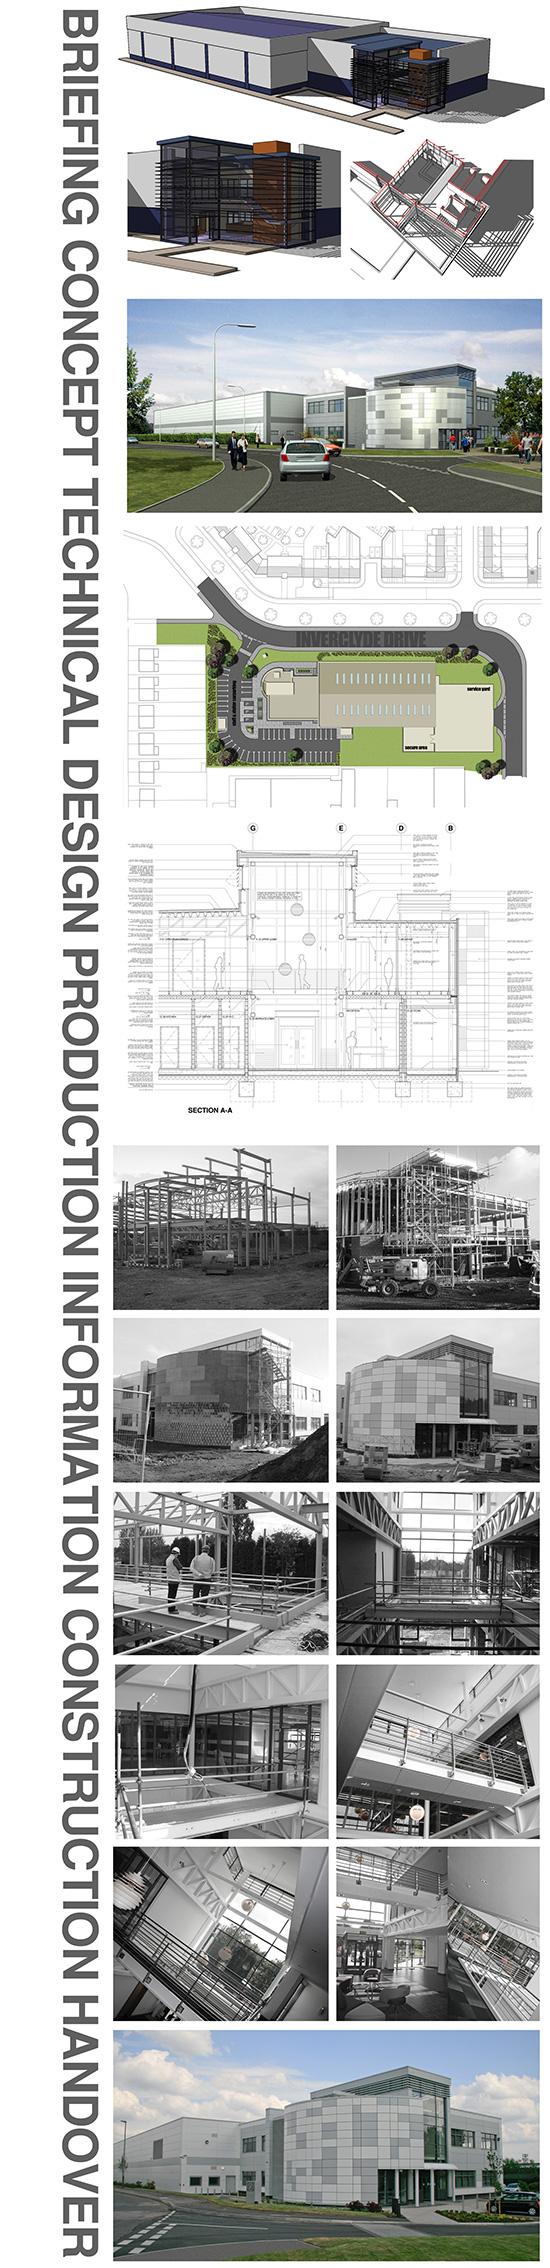 Tweedale Architects